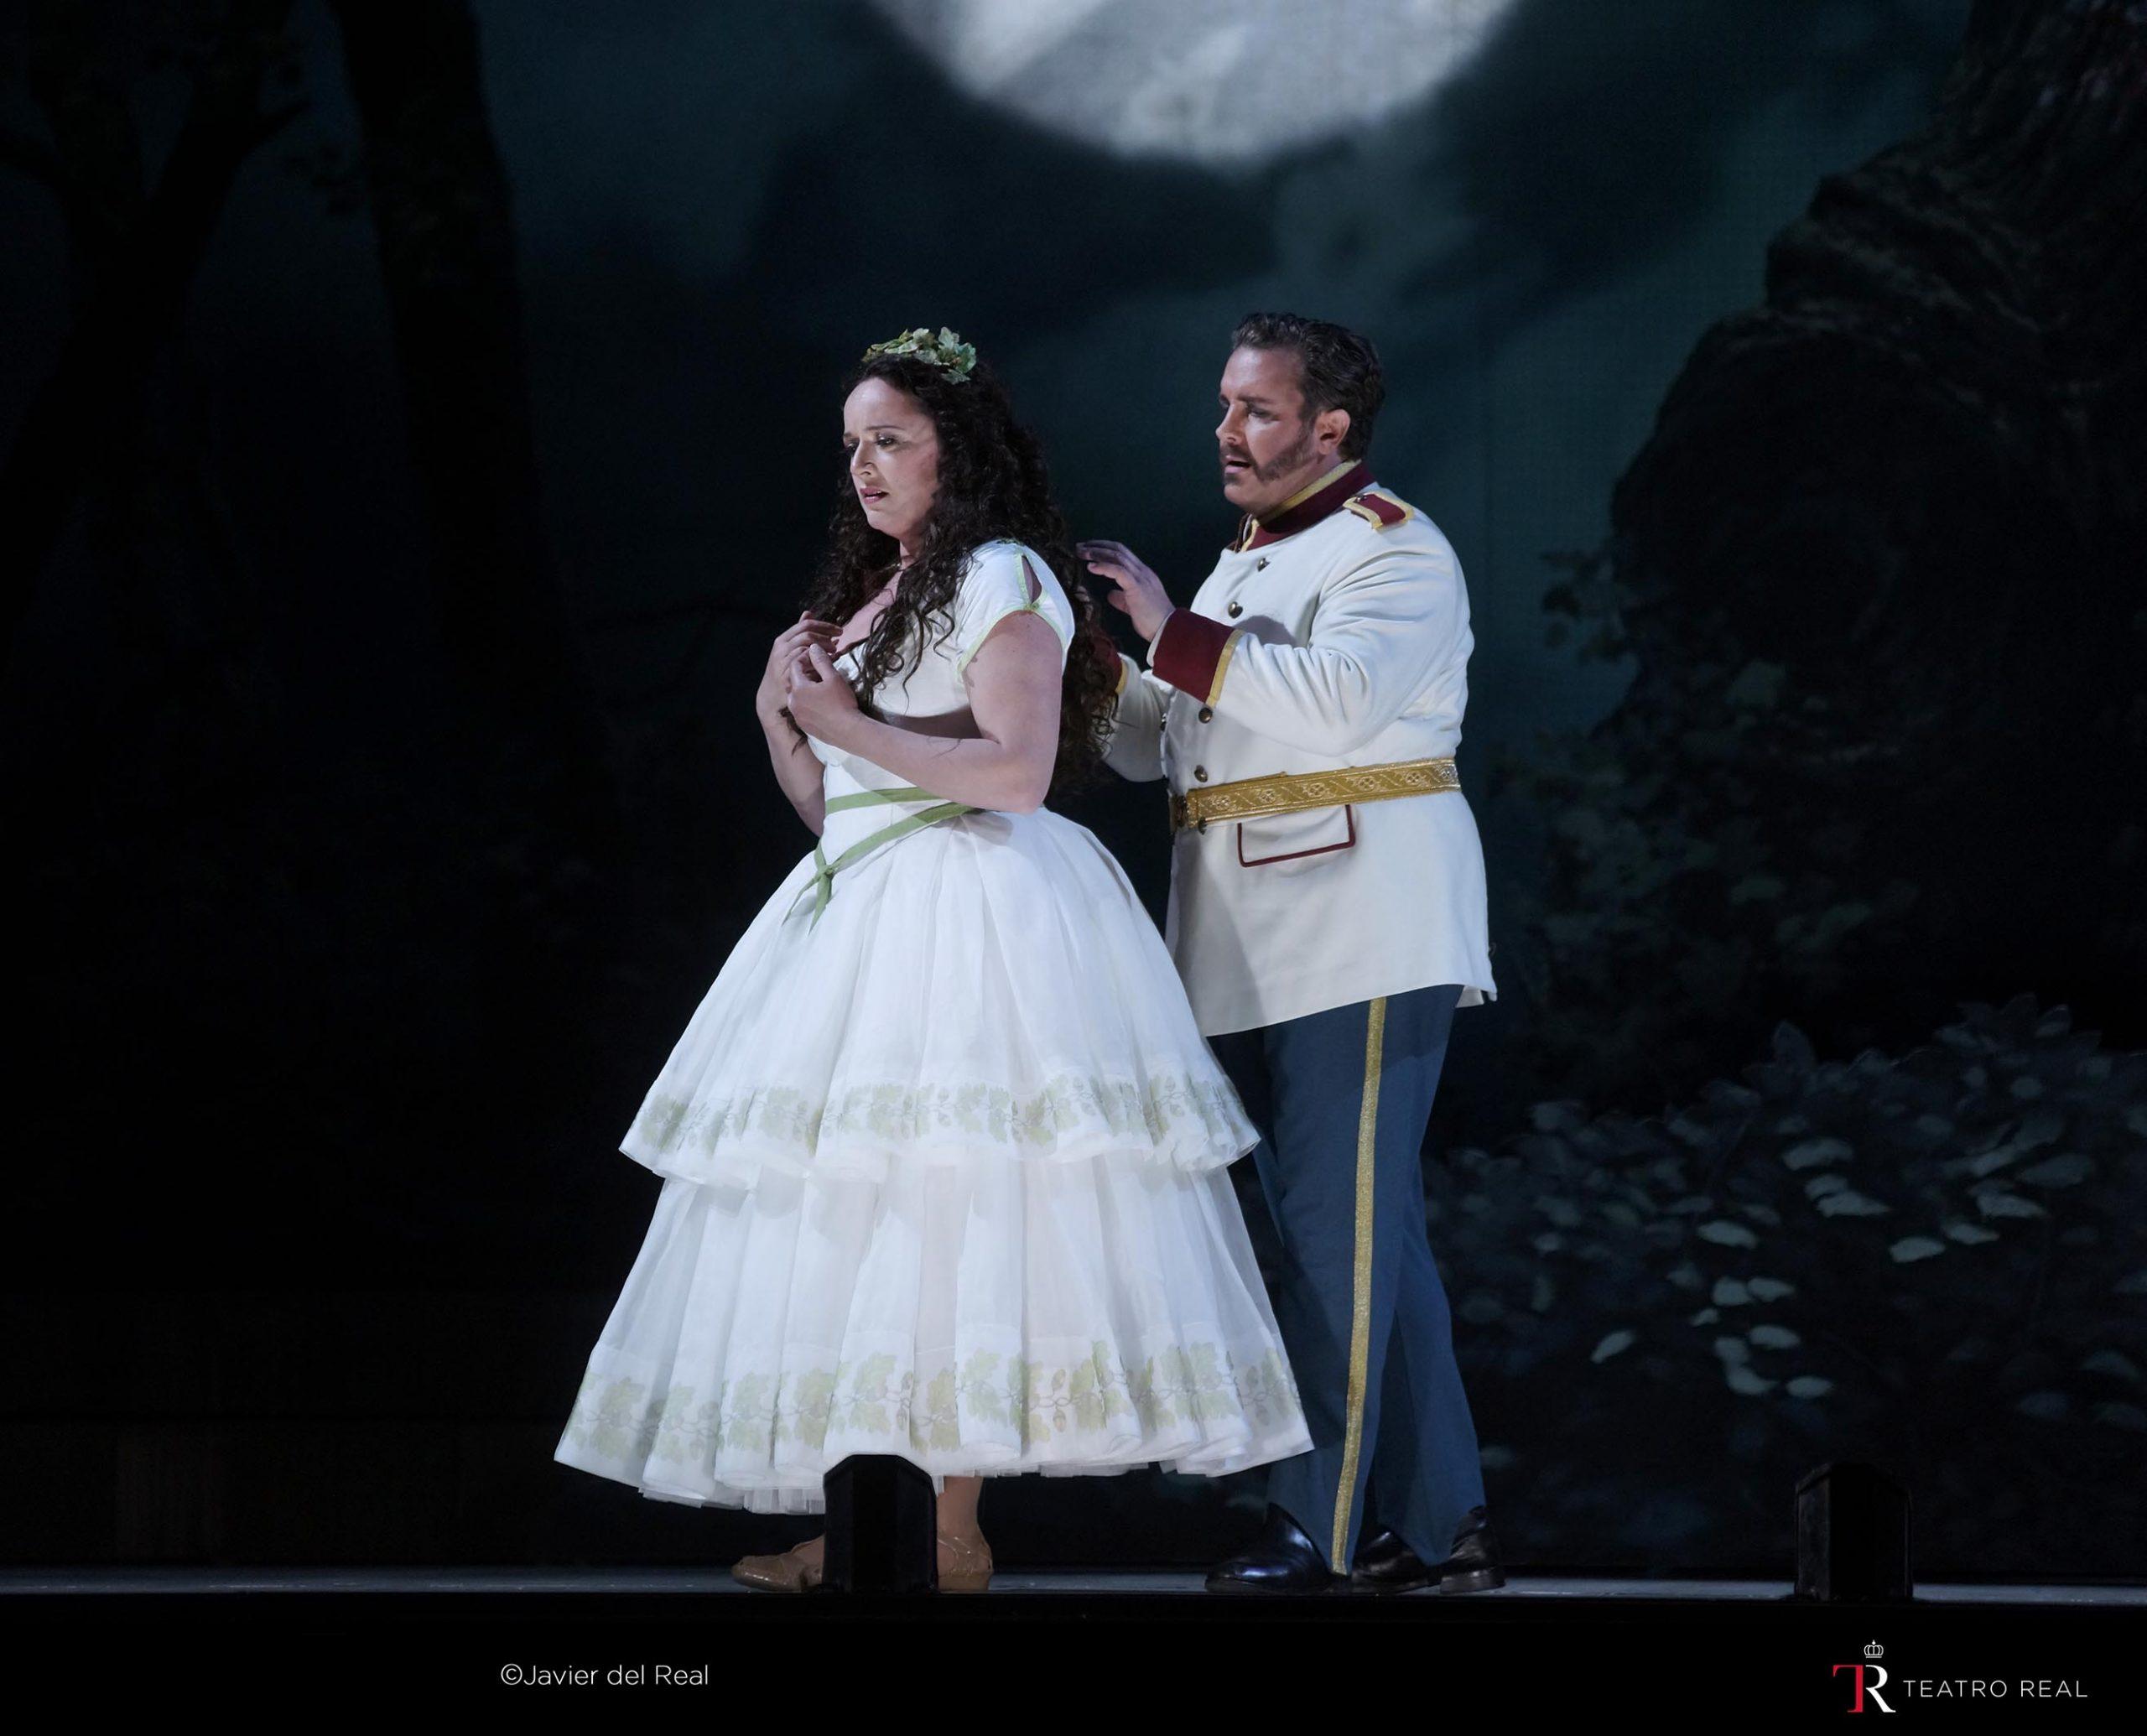 escena-norma-teatro-real-margaine-spyres